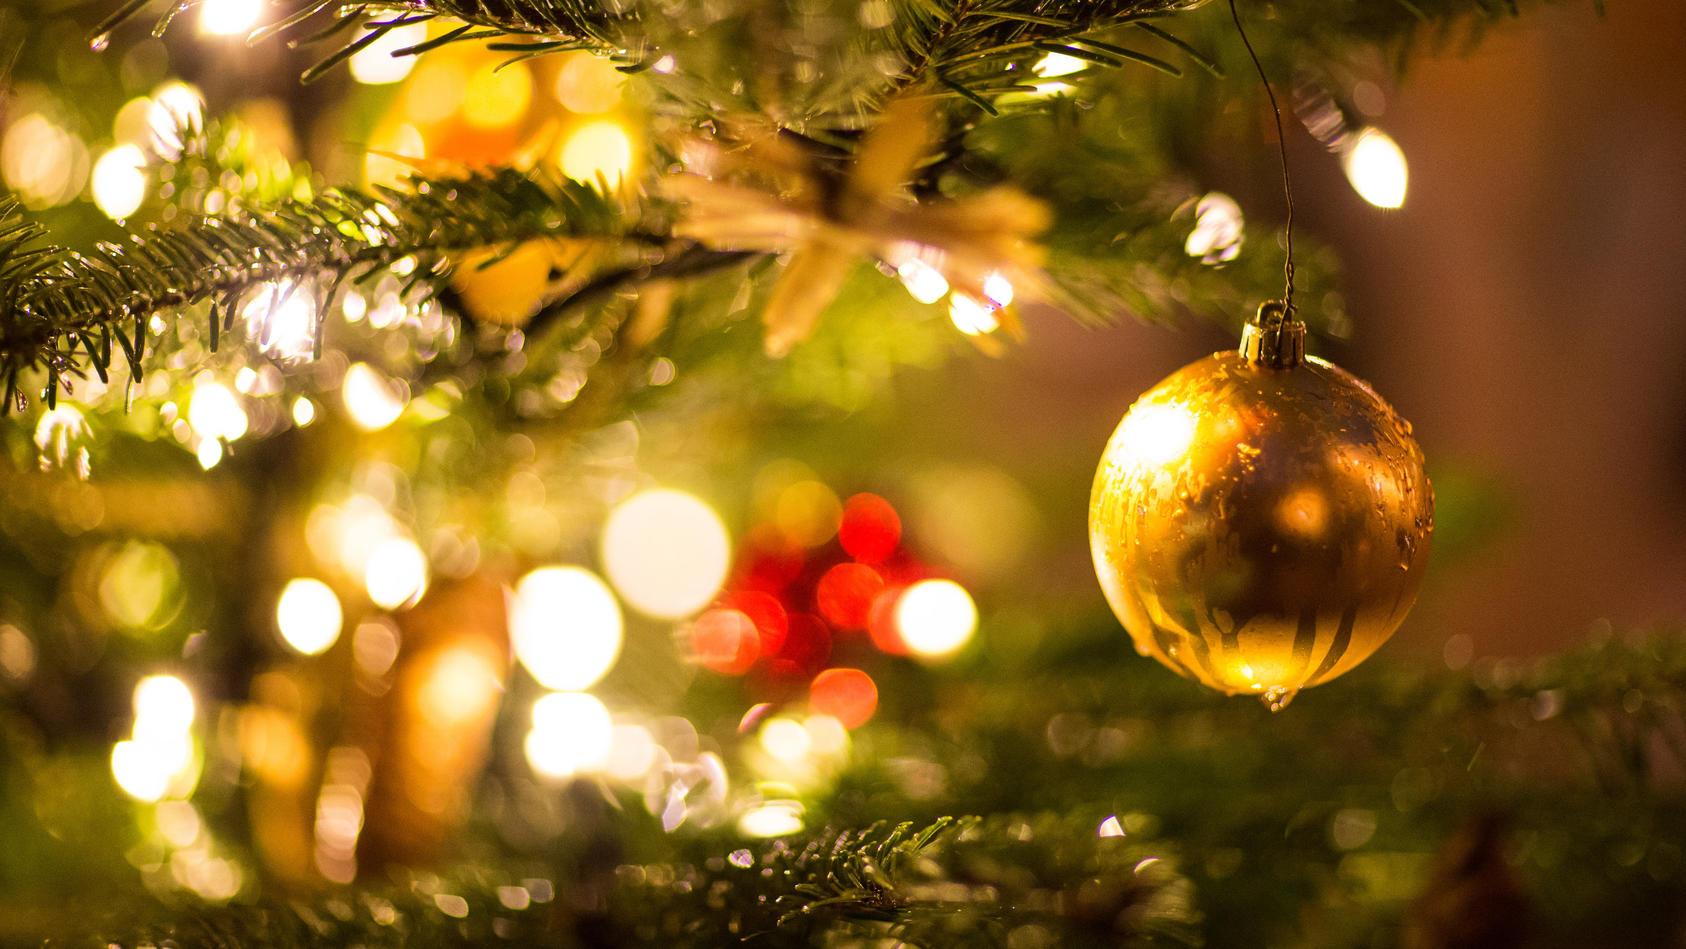 Die Absage einer Weihnachtsfeier  am Gymnasium in Lüneburg sorgt für widersprüchliche Meldungen (Foto: Motivbild).